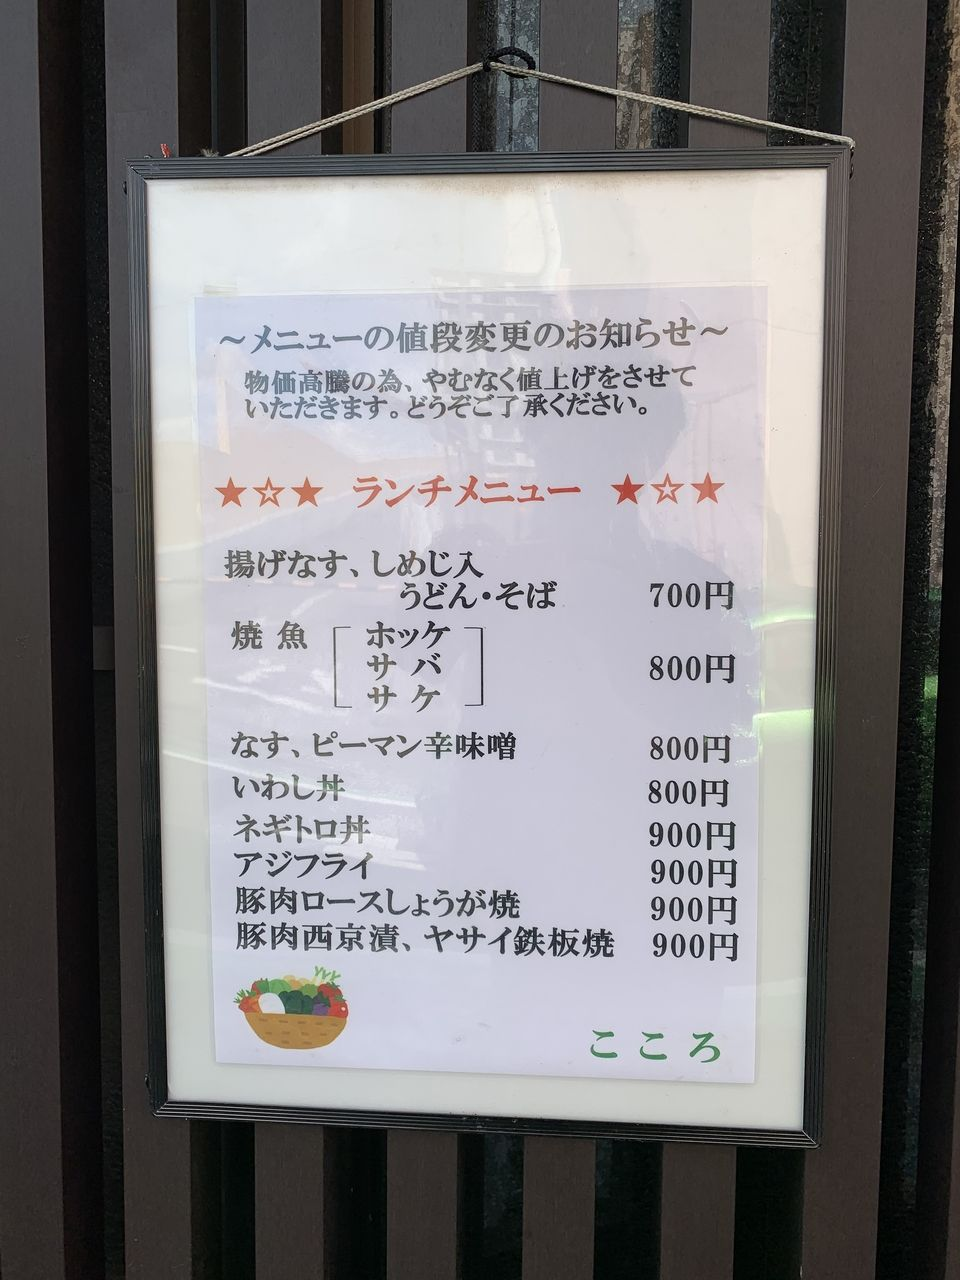 【三郷市食べ歩きブログ】三郷市三郷1丁目の和の店「こころ」に行ってきました!